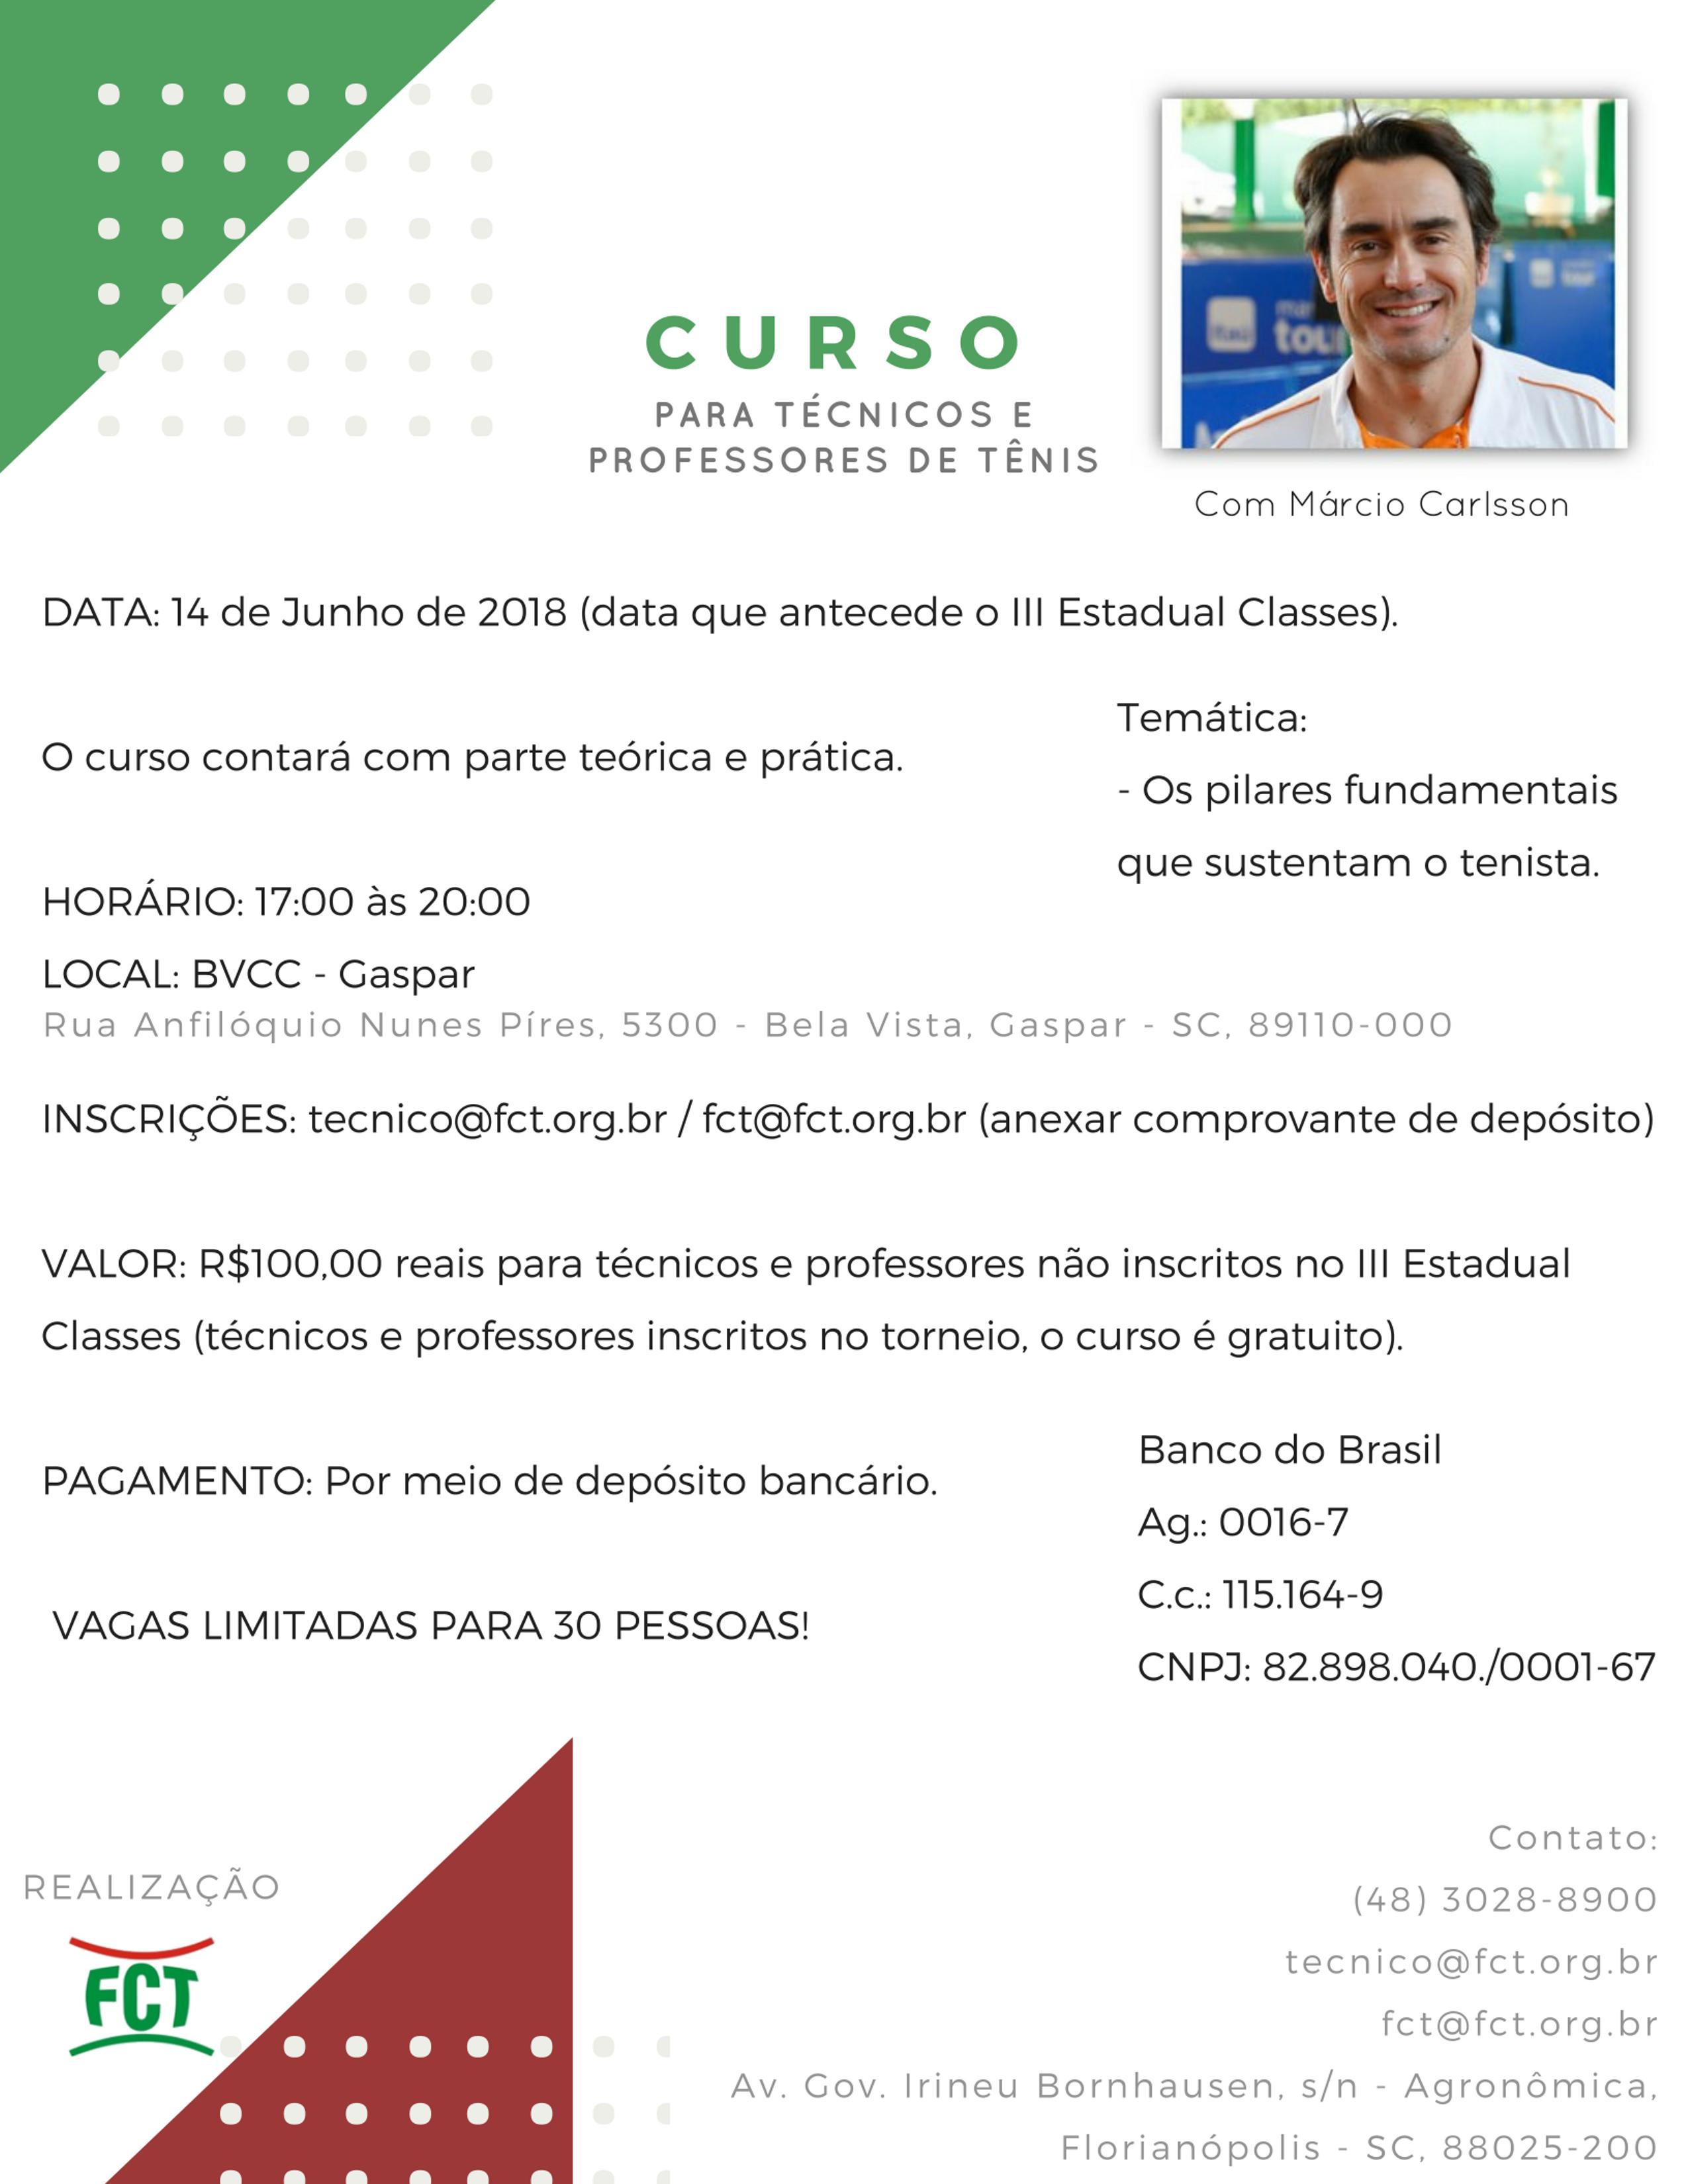 CURSO COM MÁRCIO CARLSSON